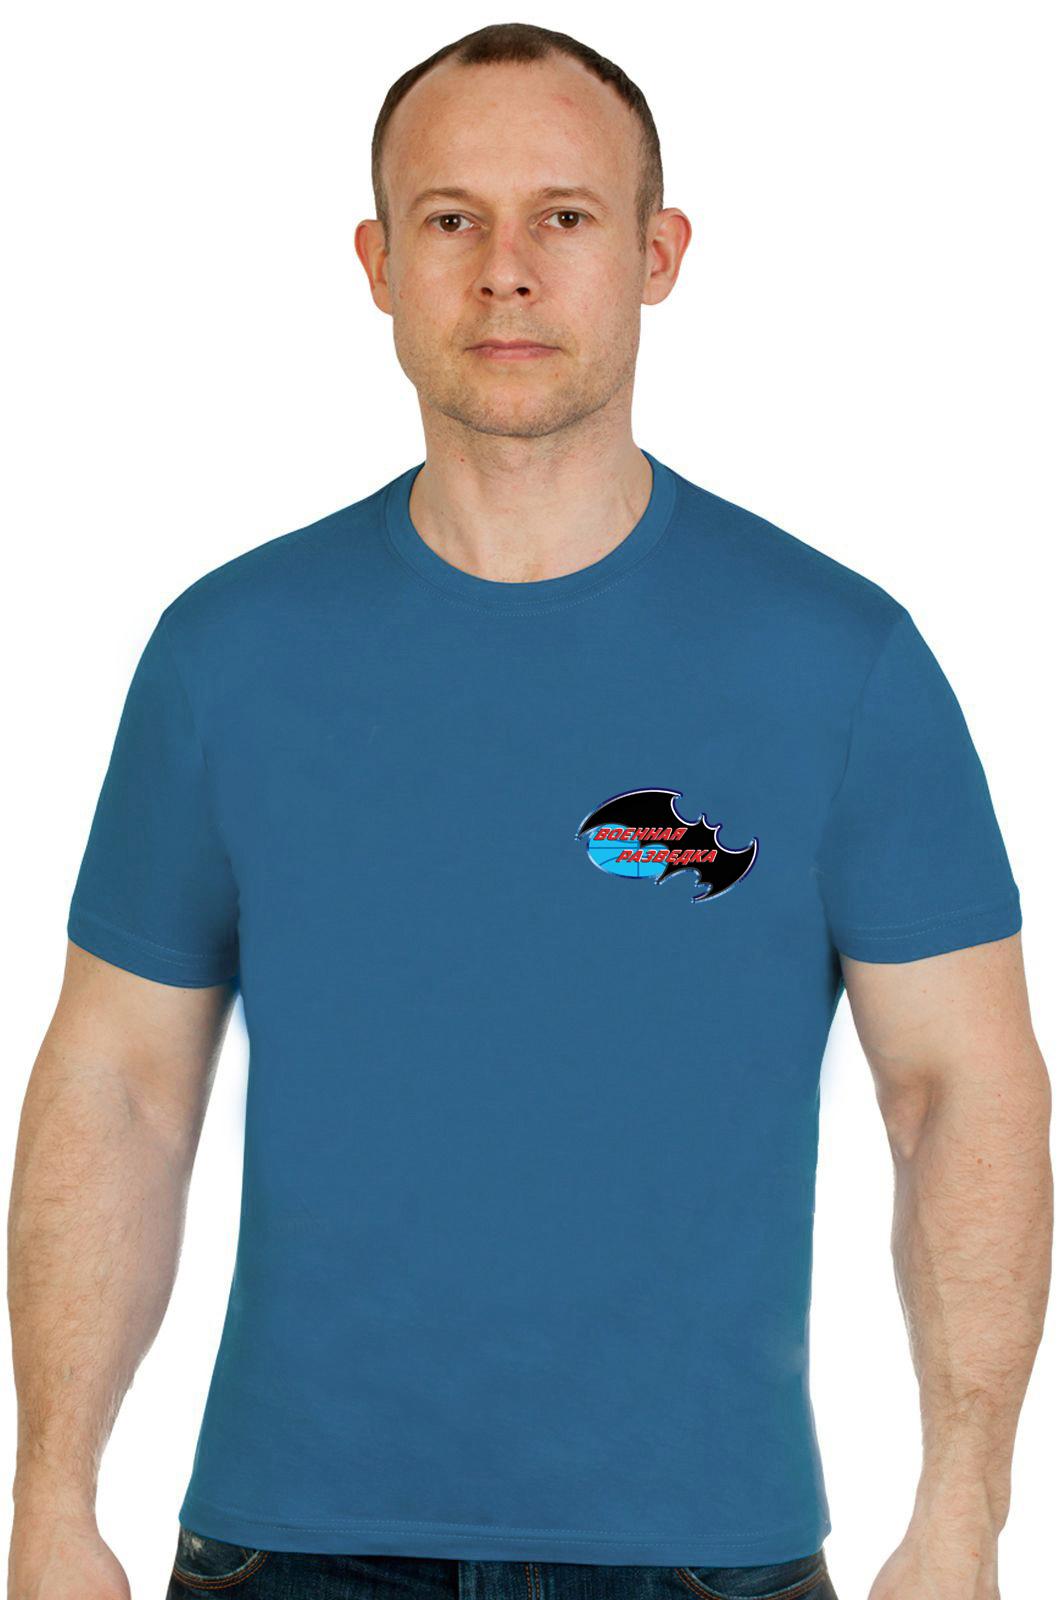 Заказать подарочную футболку военного разведчика по привлекательной цене